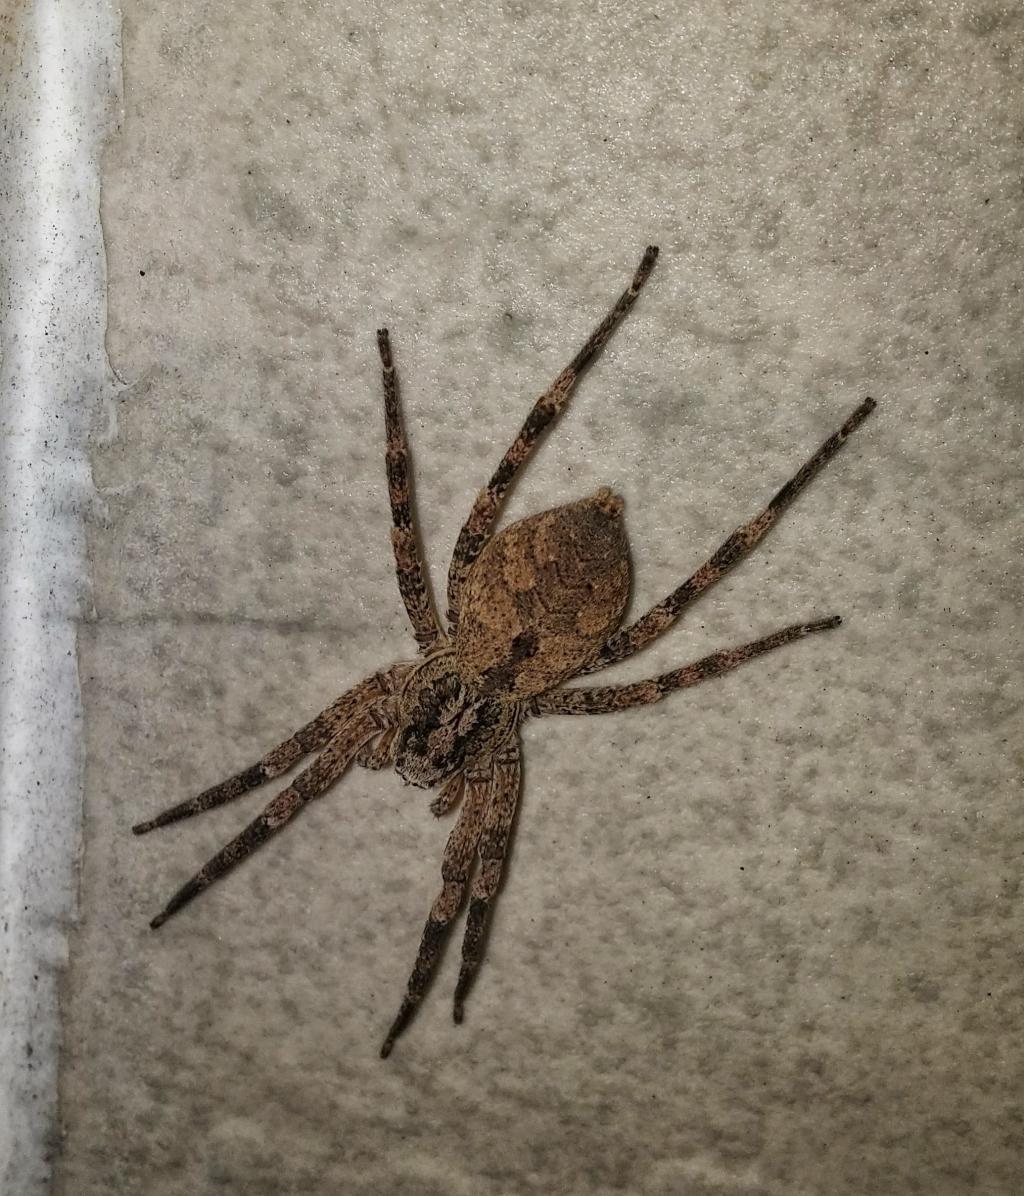 钓鱼蜘蛛, 昆虫, 捕食者